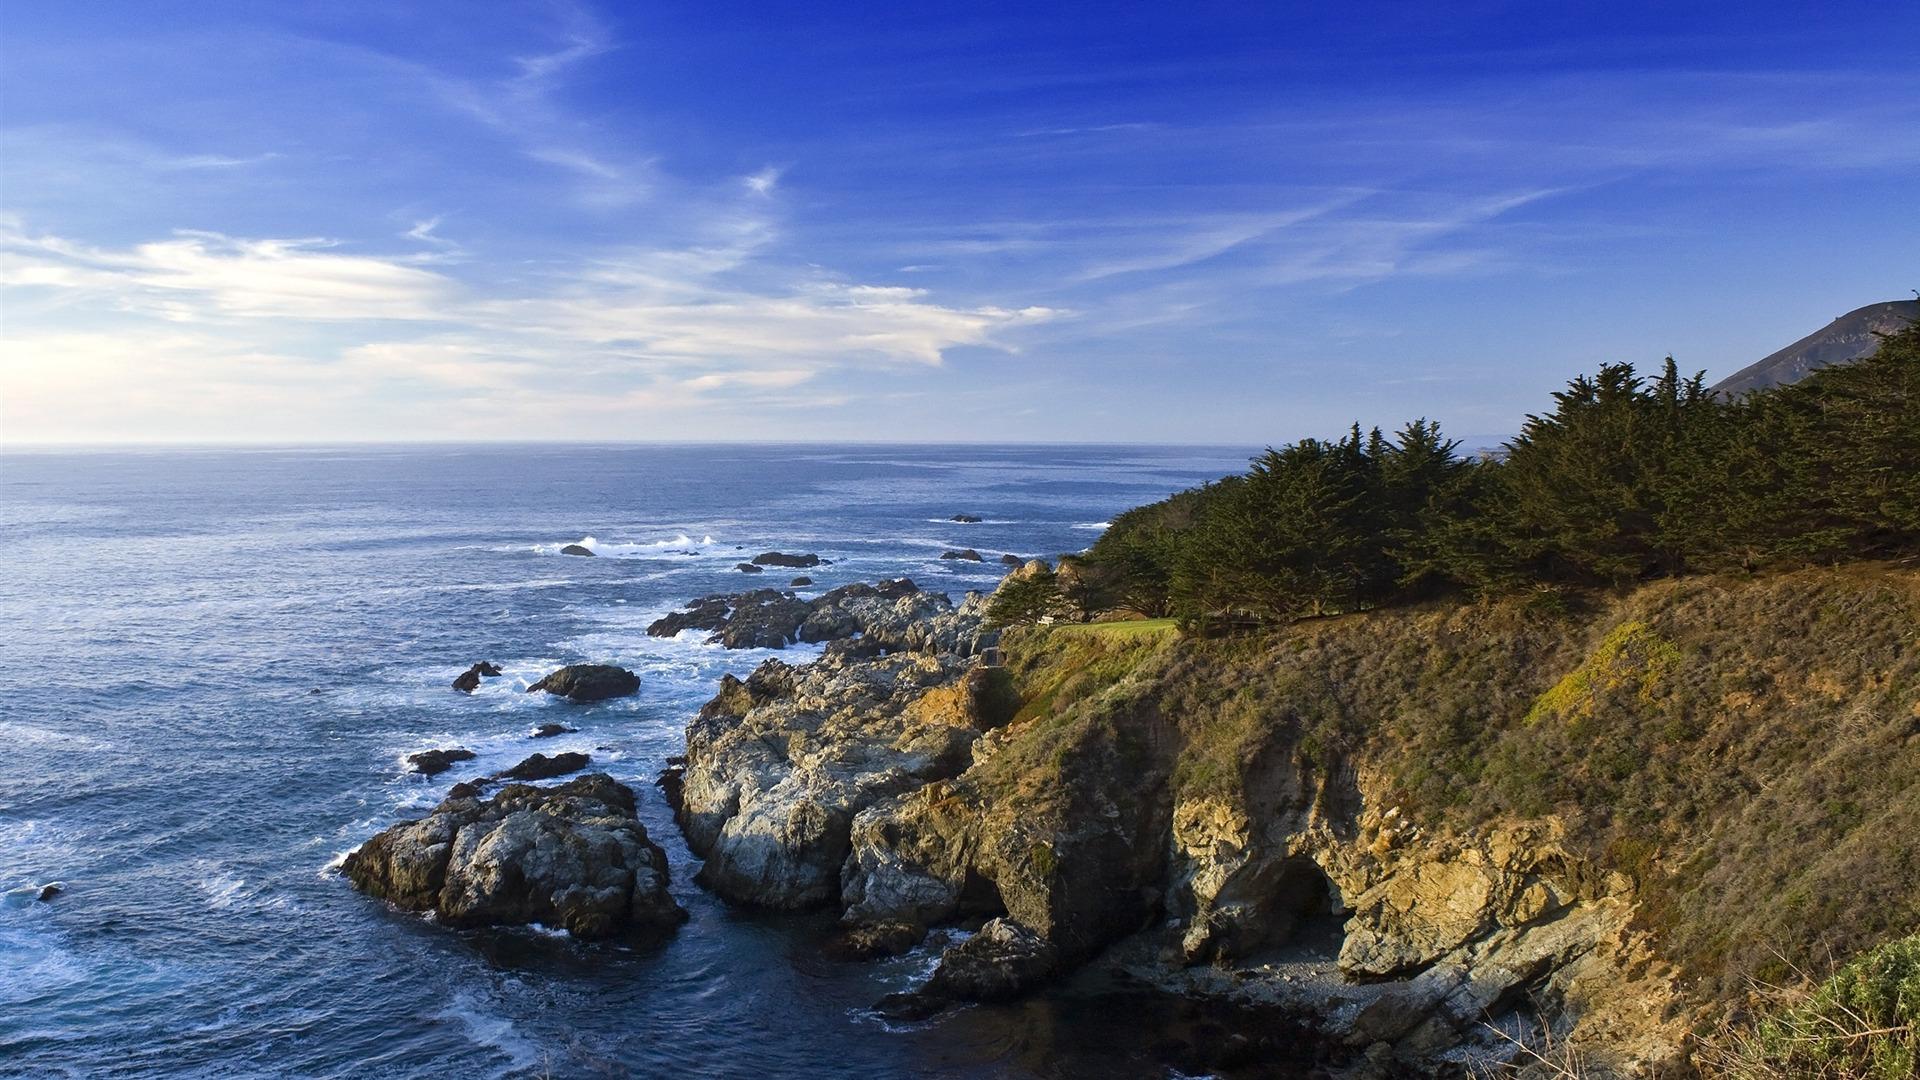 Pacific Ocean Big Sur California Beach 4k Hd Desktop: カリフォルニアの海岸-自然風景壁紙プレビュー